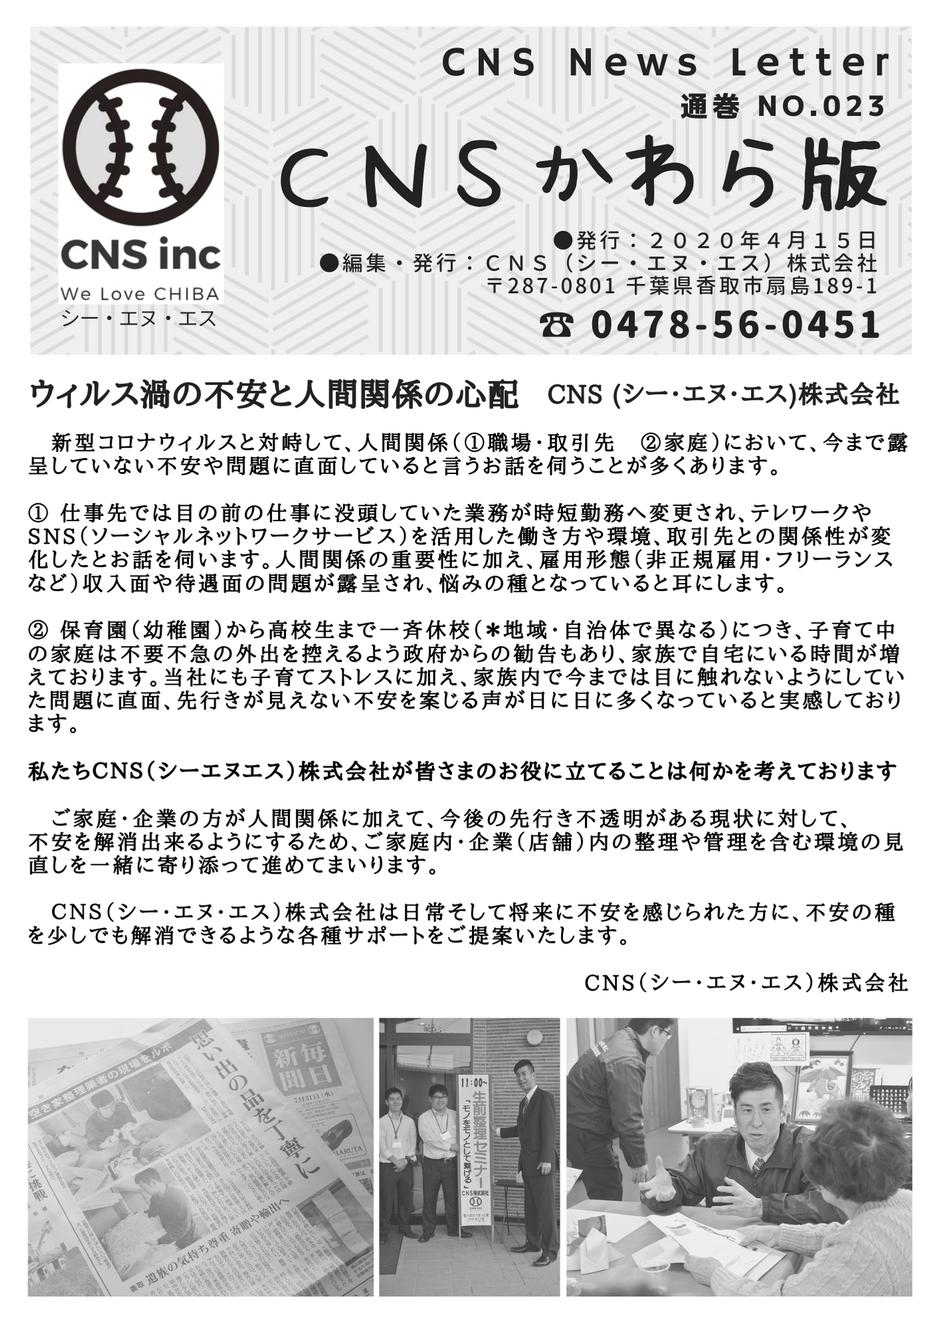 地域の住民さんや 地元企業の方々から お聞きします CNS株式会社 千葉・茨城エリアの 皆さまに寄り添う 遺品整理と 実家の整理・管理 かわら版